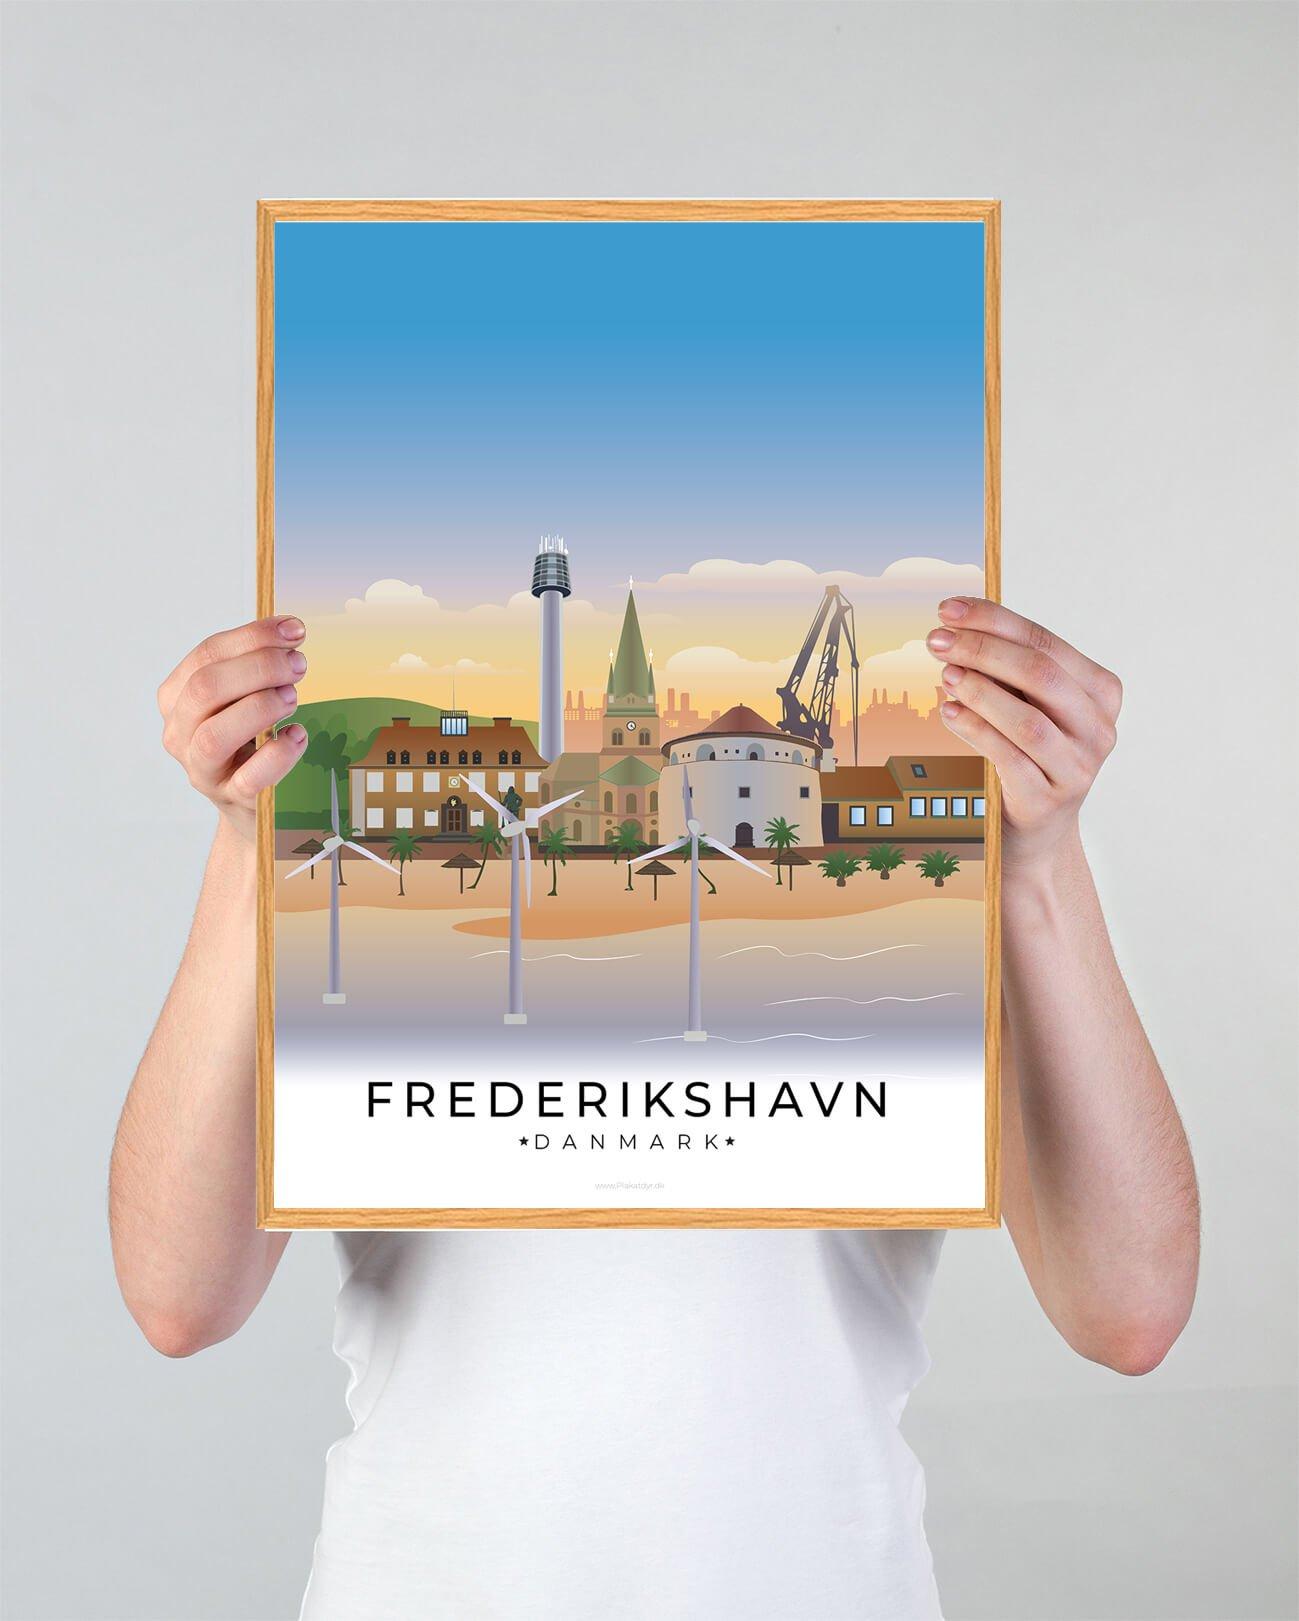 Frederikshavn-byplakat-3